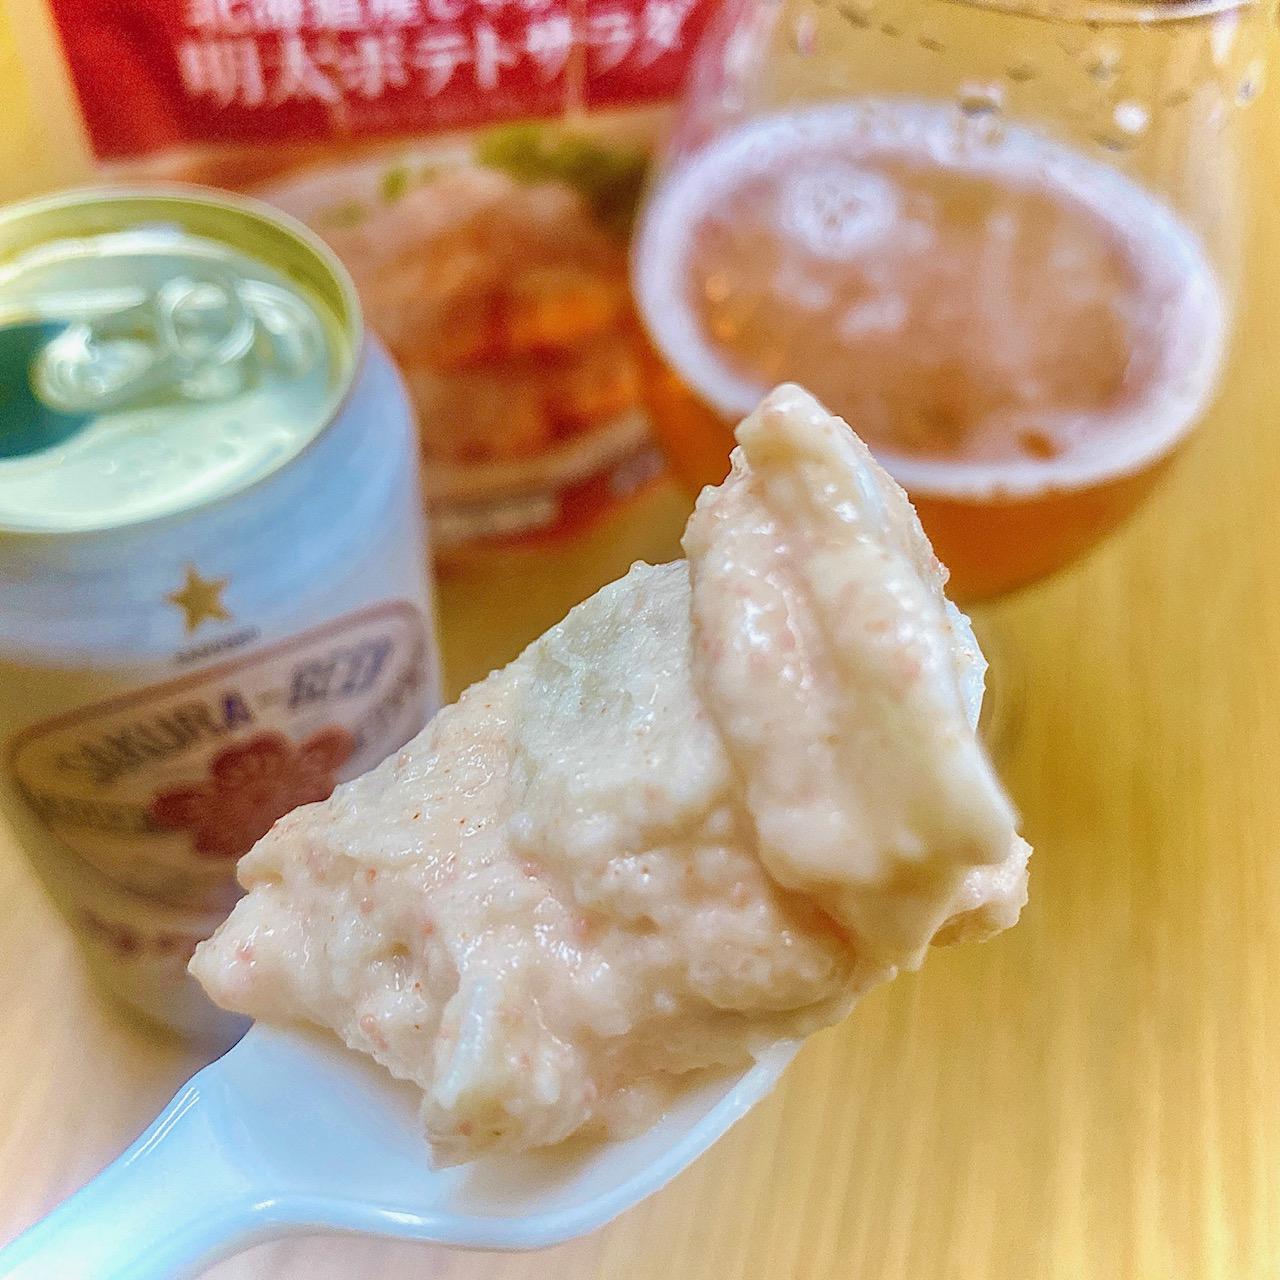 【コンビニペアリング】「サクラビール」に「明太ポテサラ」はいかが?